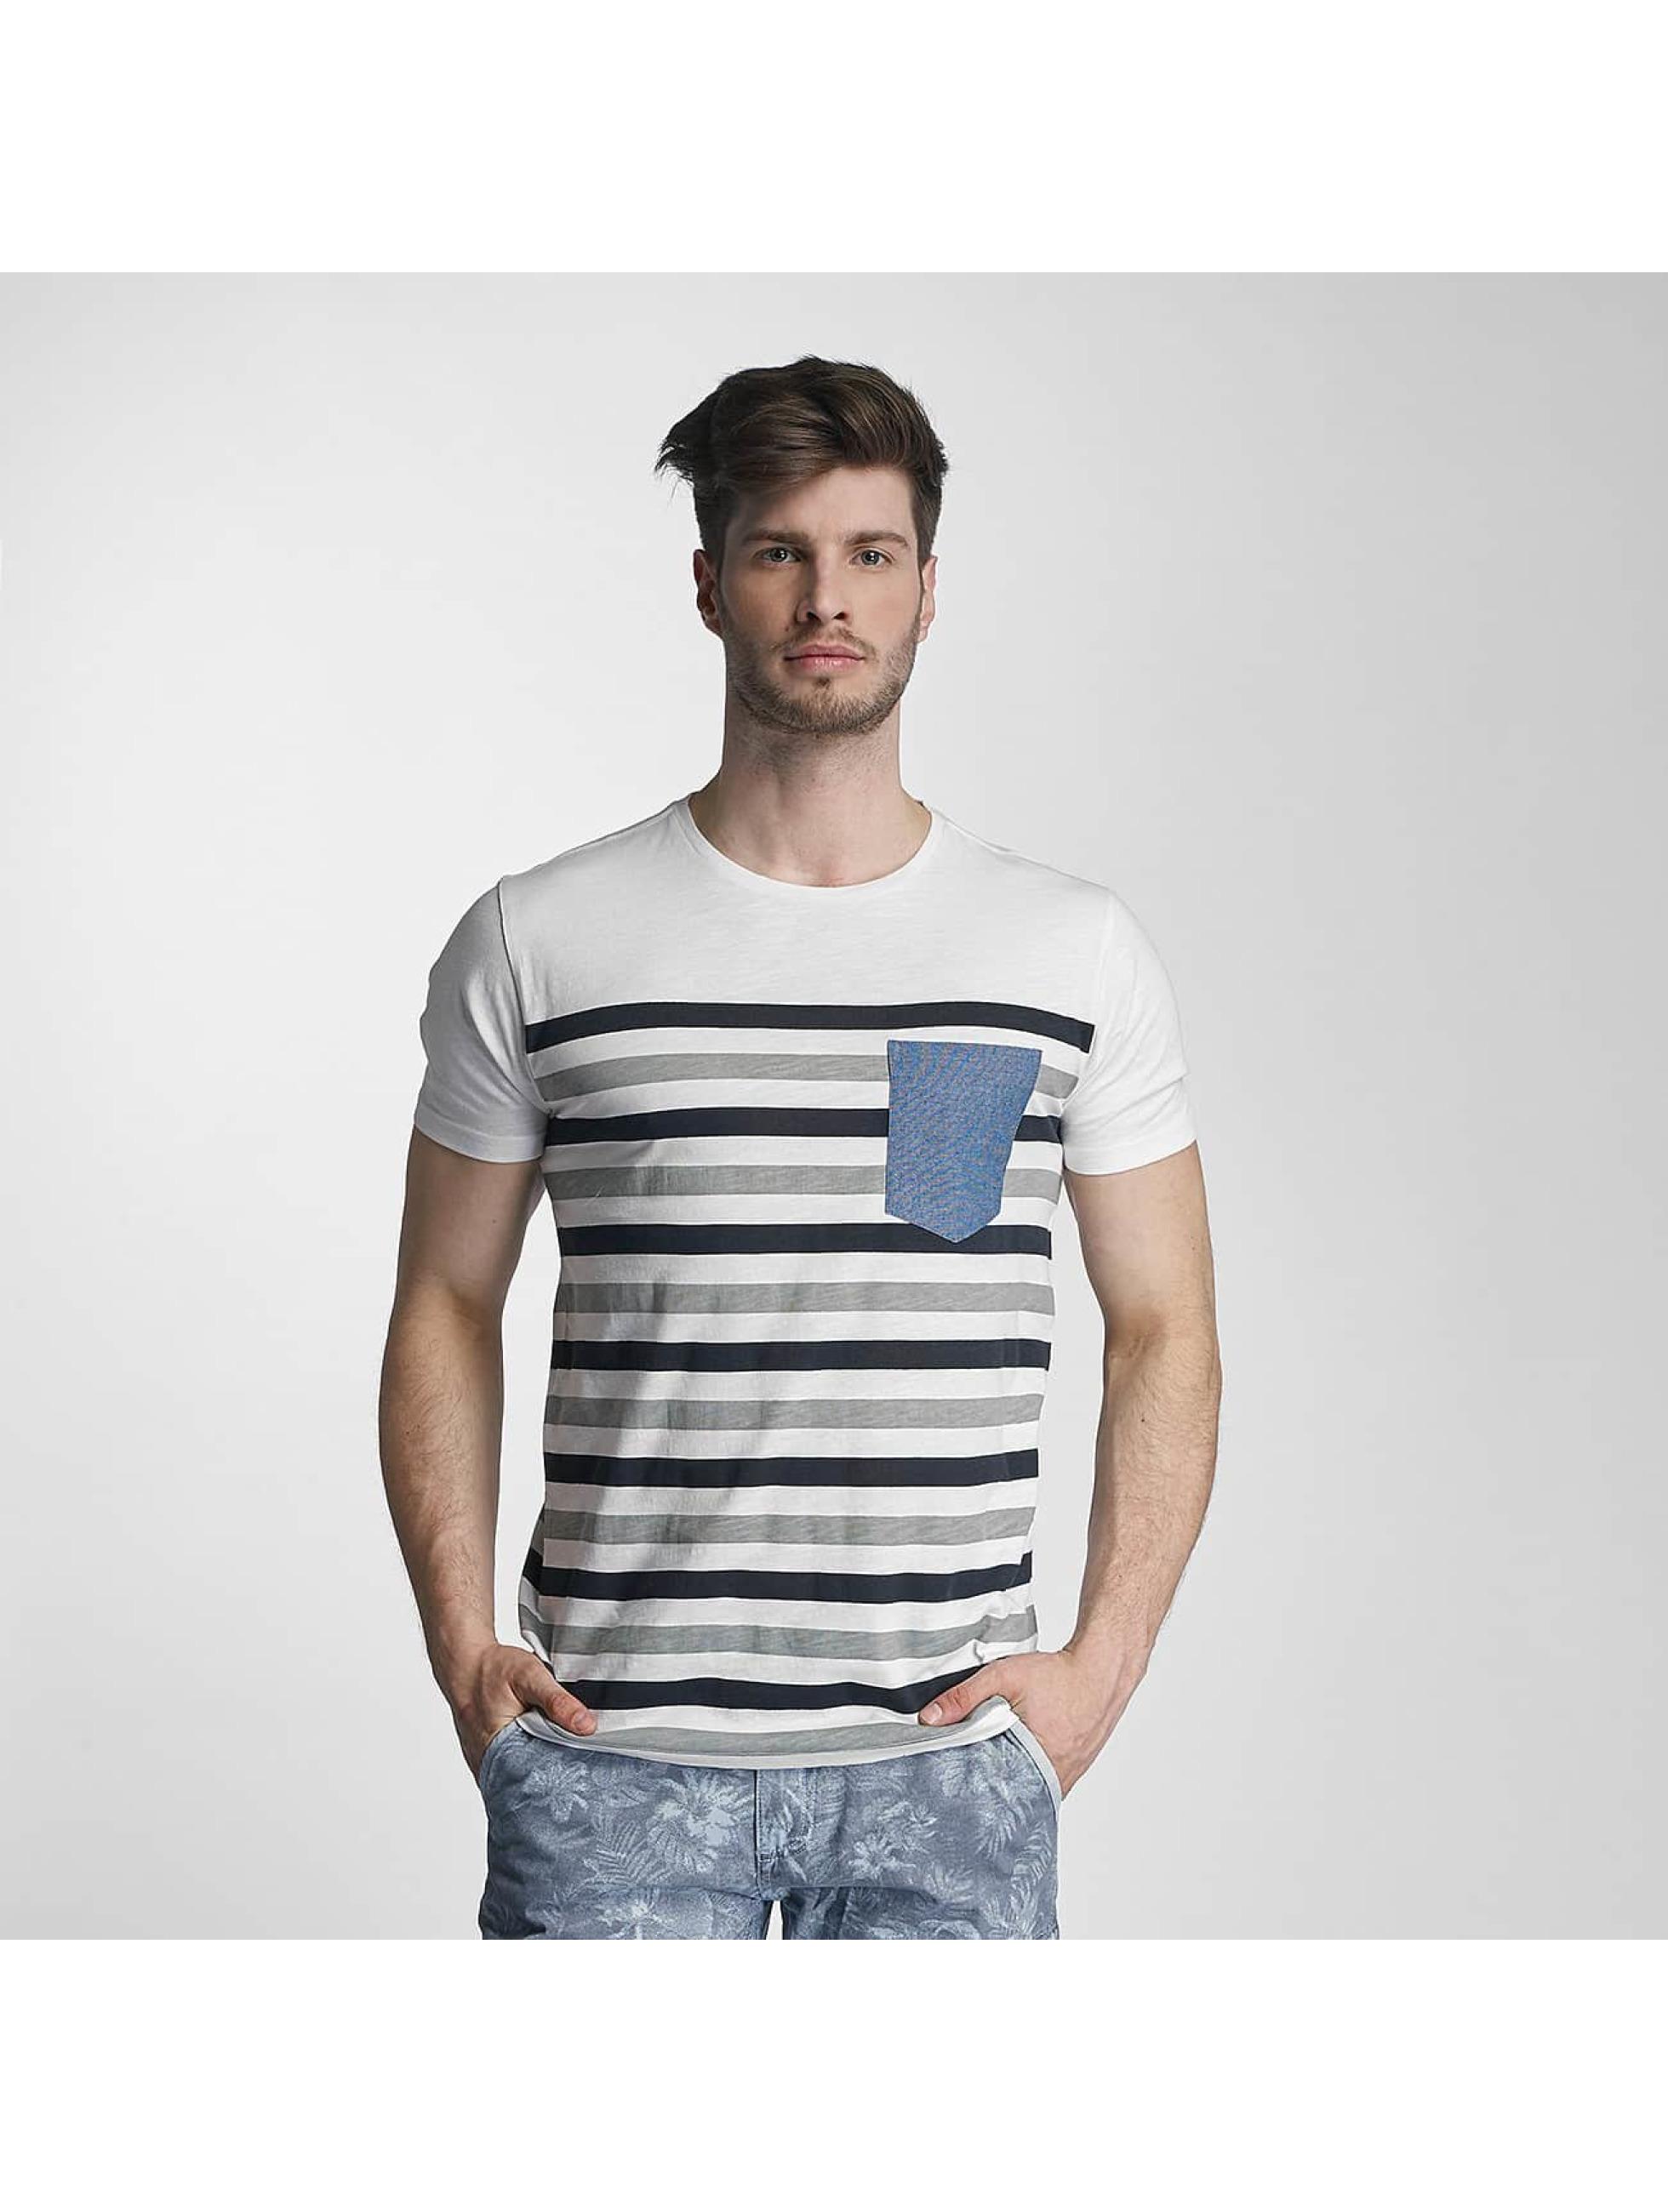 SHINE Original T-shirt Striped grigio